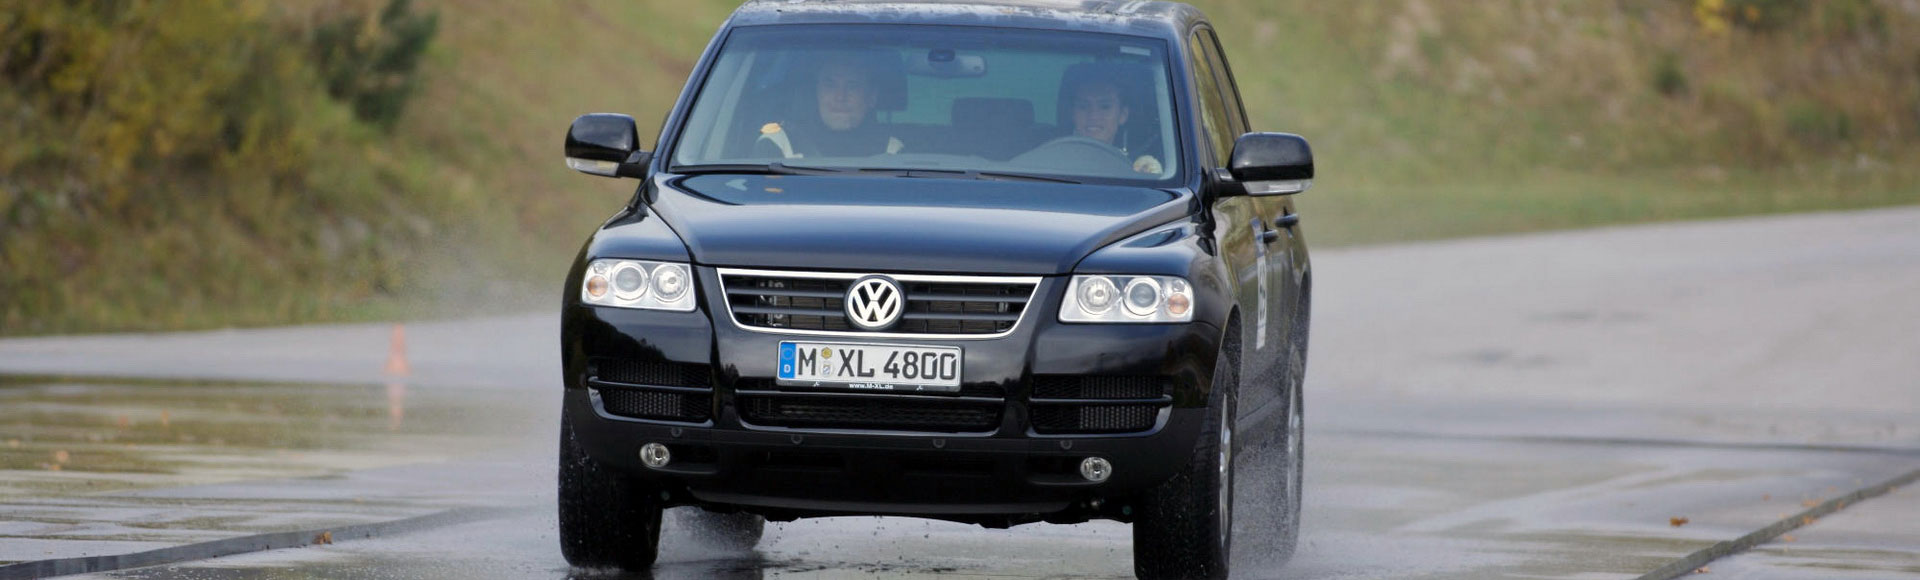 VW Touareg Herbst 2006 02720